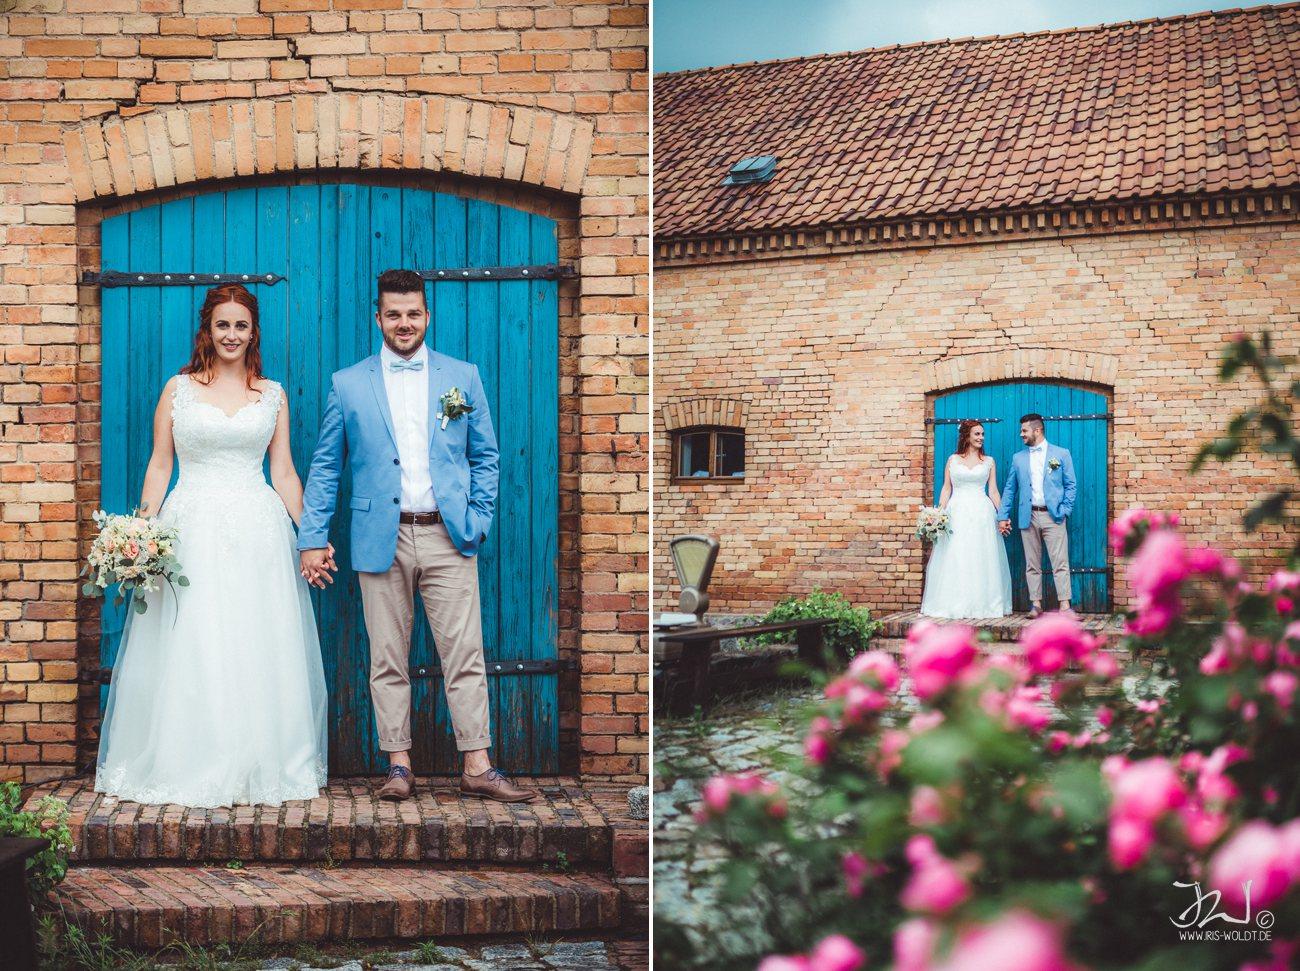 Hochzeitsfotograf_Altthymen_MuehleTornow_IrisWoldt 75